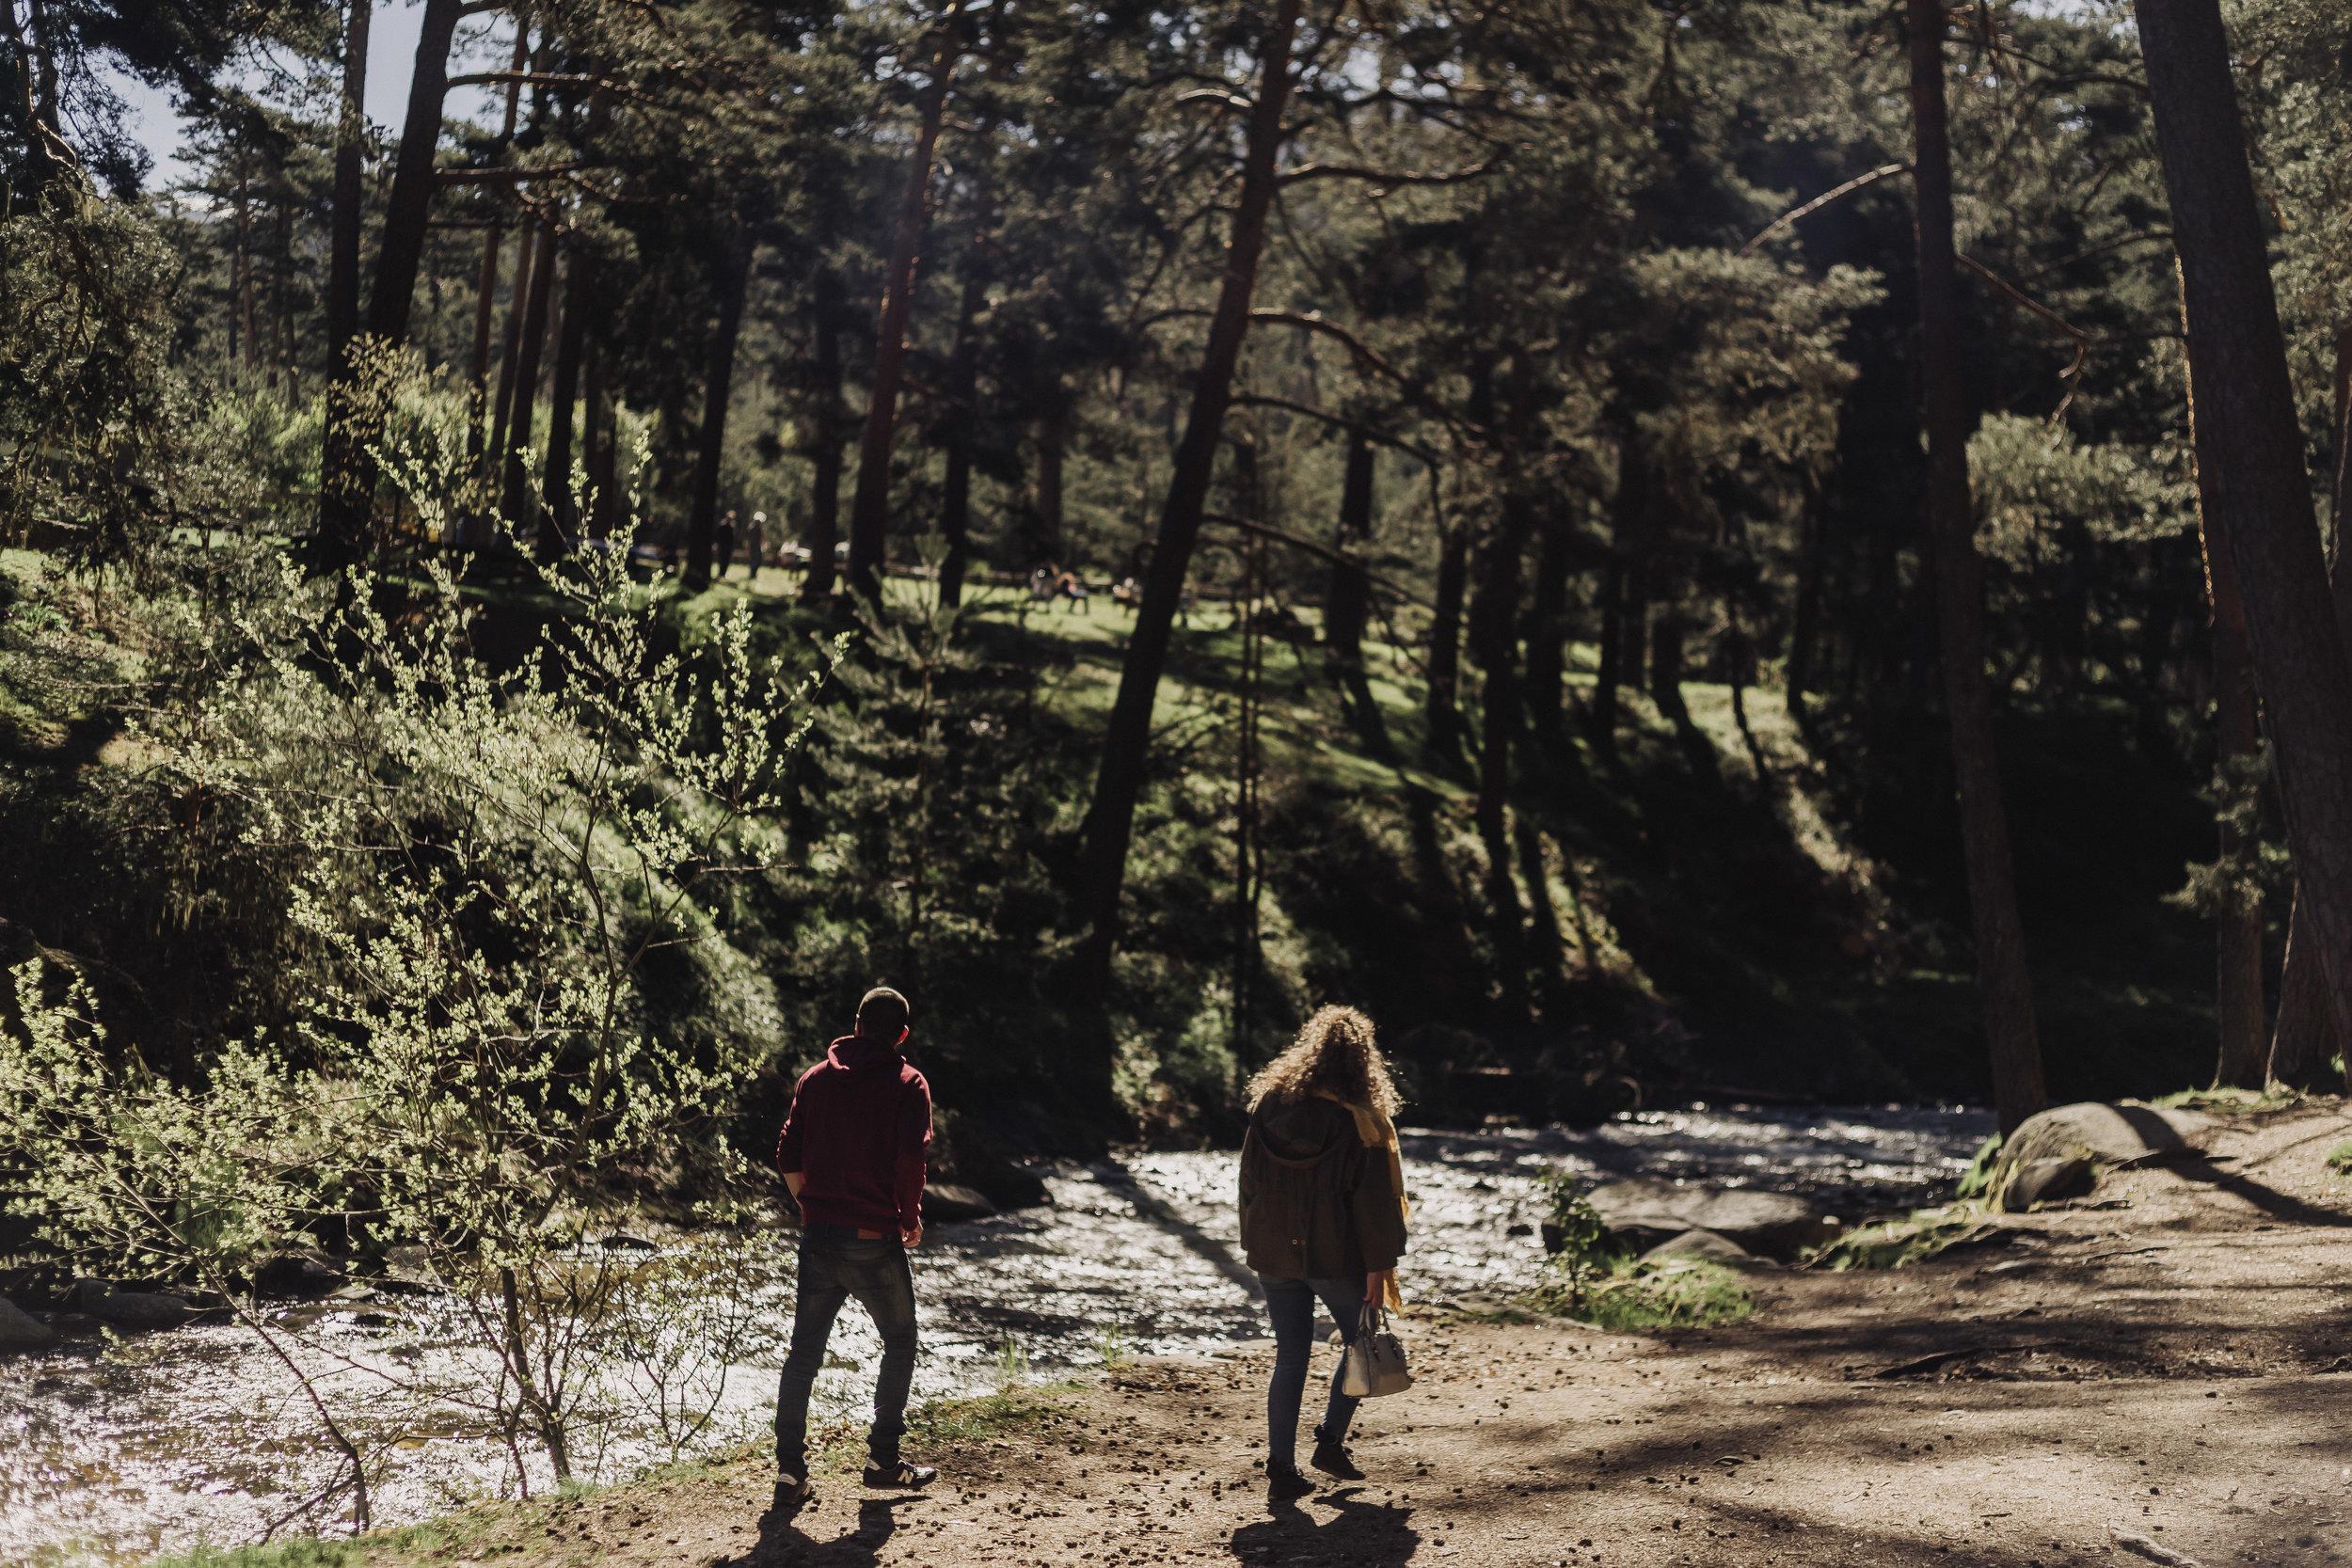 preboda-en- bosque-10.jpg